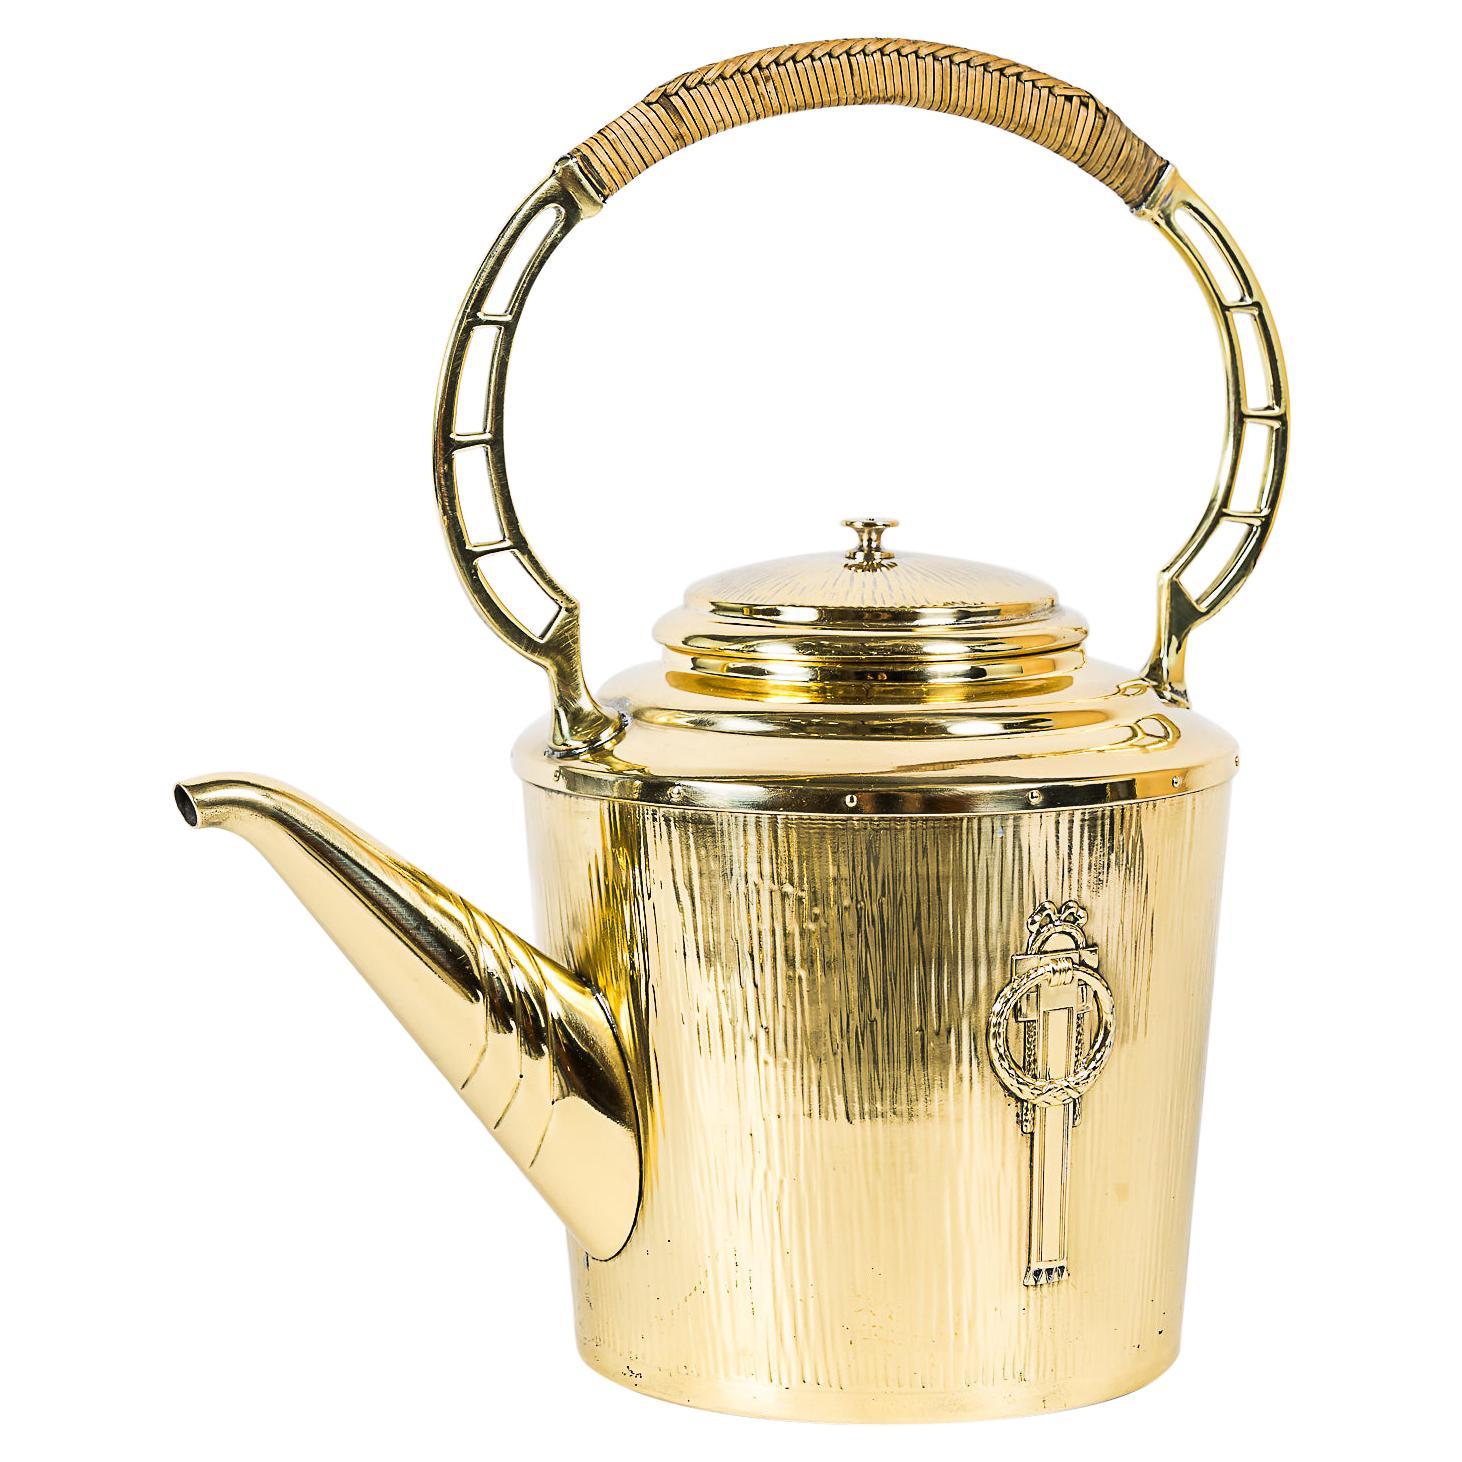 Art Deco Tee Can by Argentor, Vienna, Around 1920s